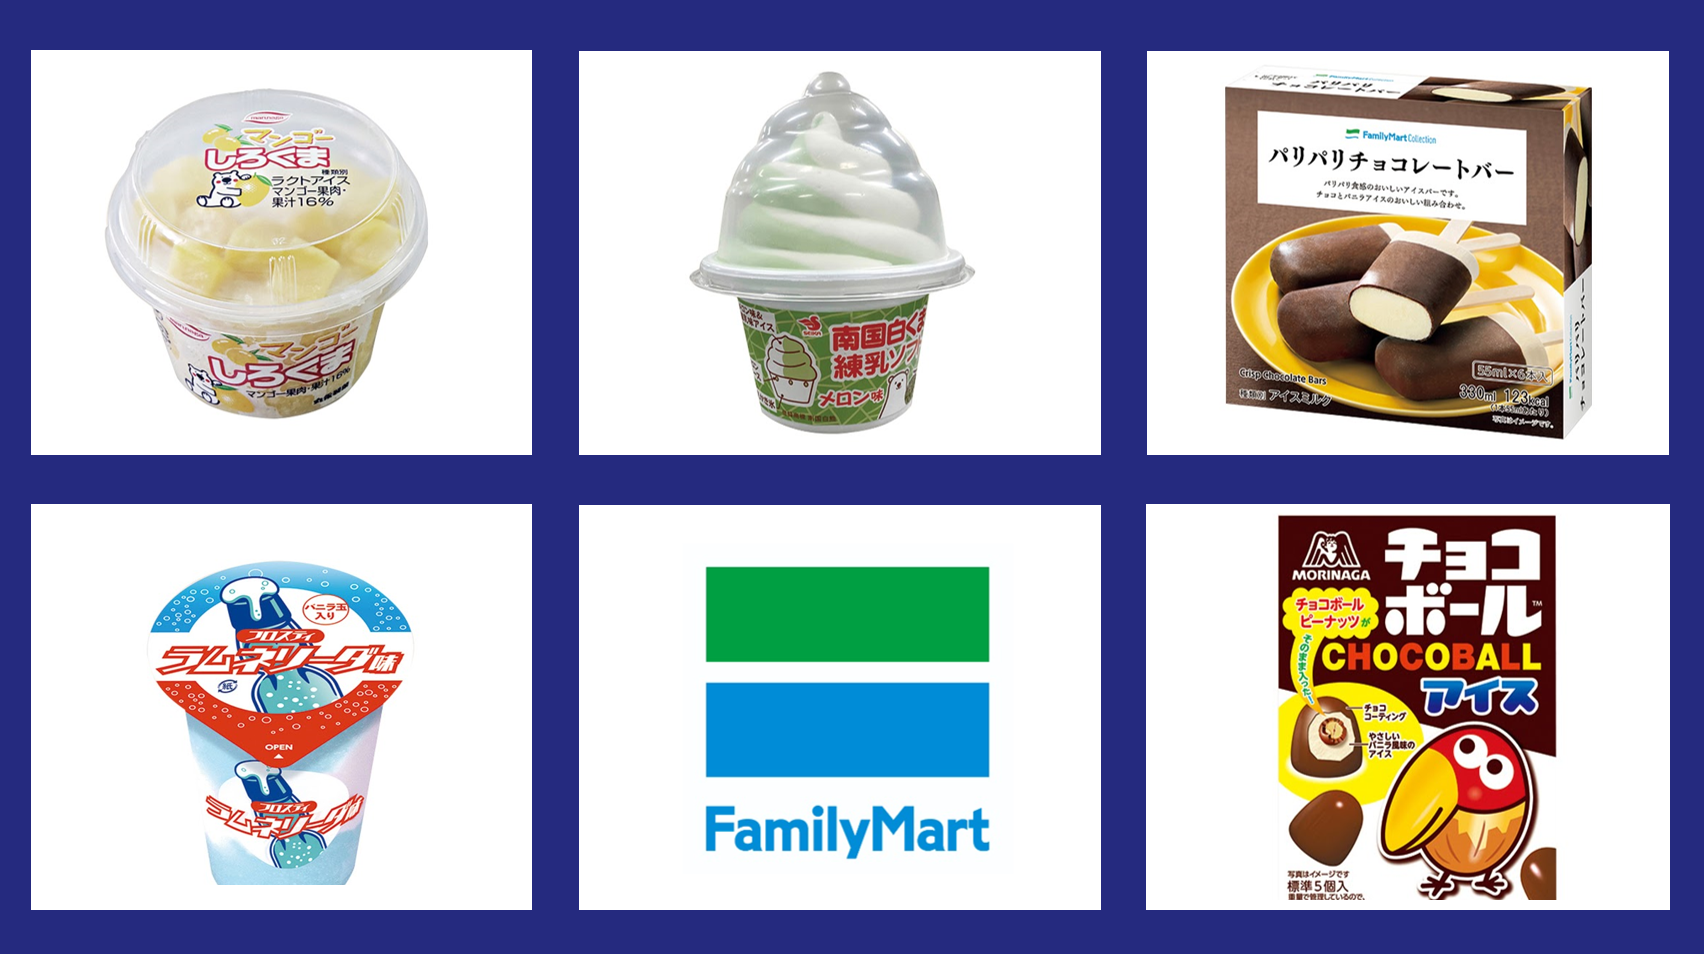 【7月13日最新】ファミリーマートの新作アイス特集!定番アイスから期間限定の噂のアイスまでお届け